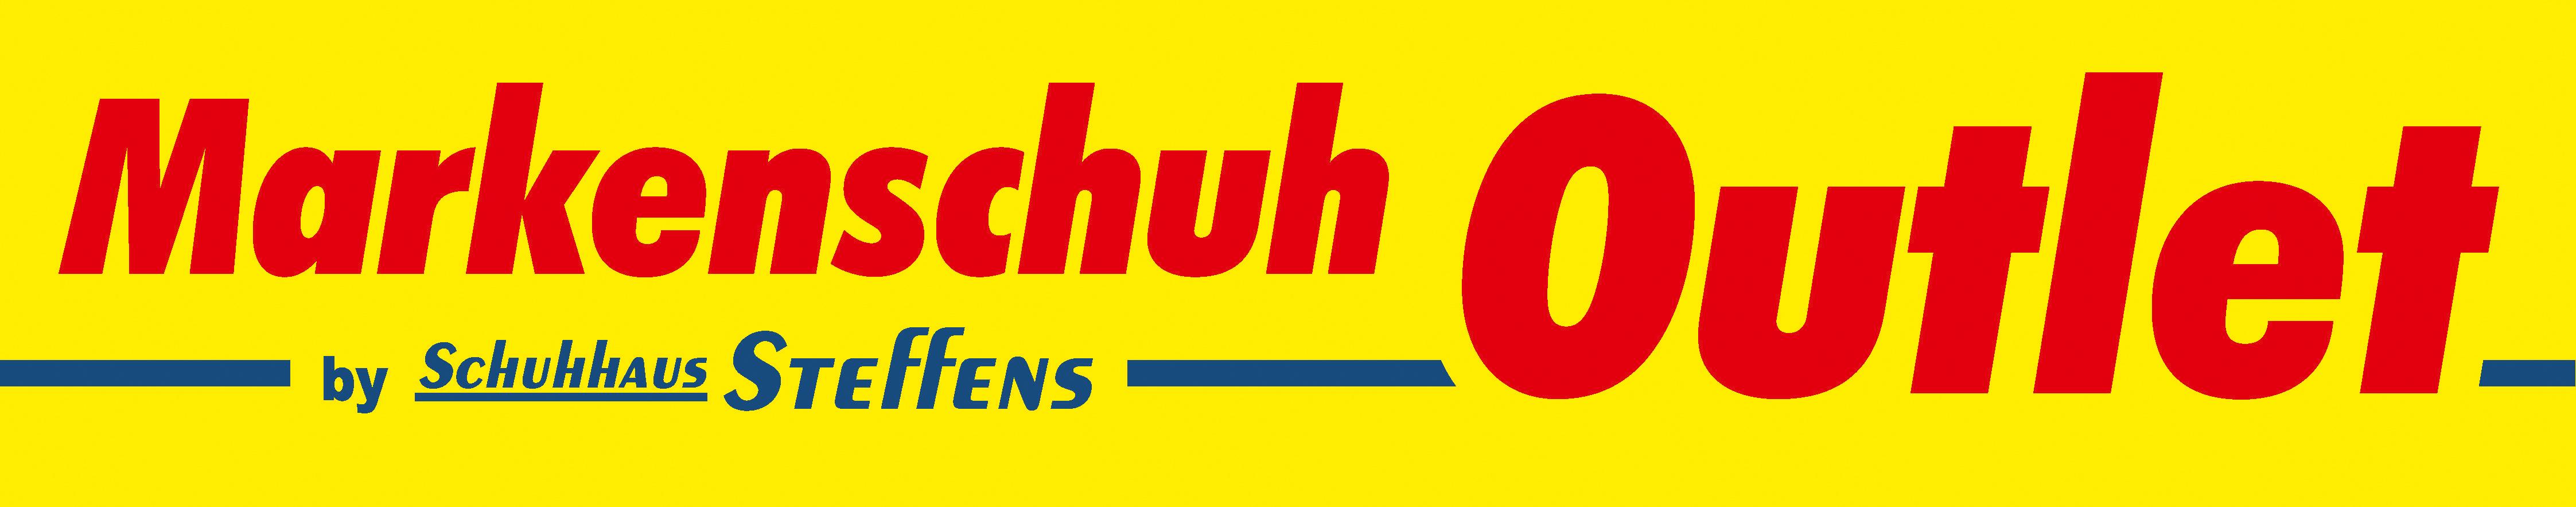 QUICK SCHUH Schuhhaus Steffens